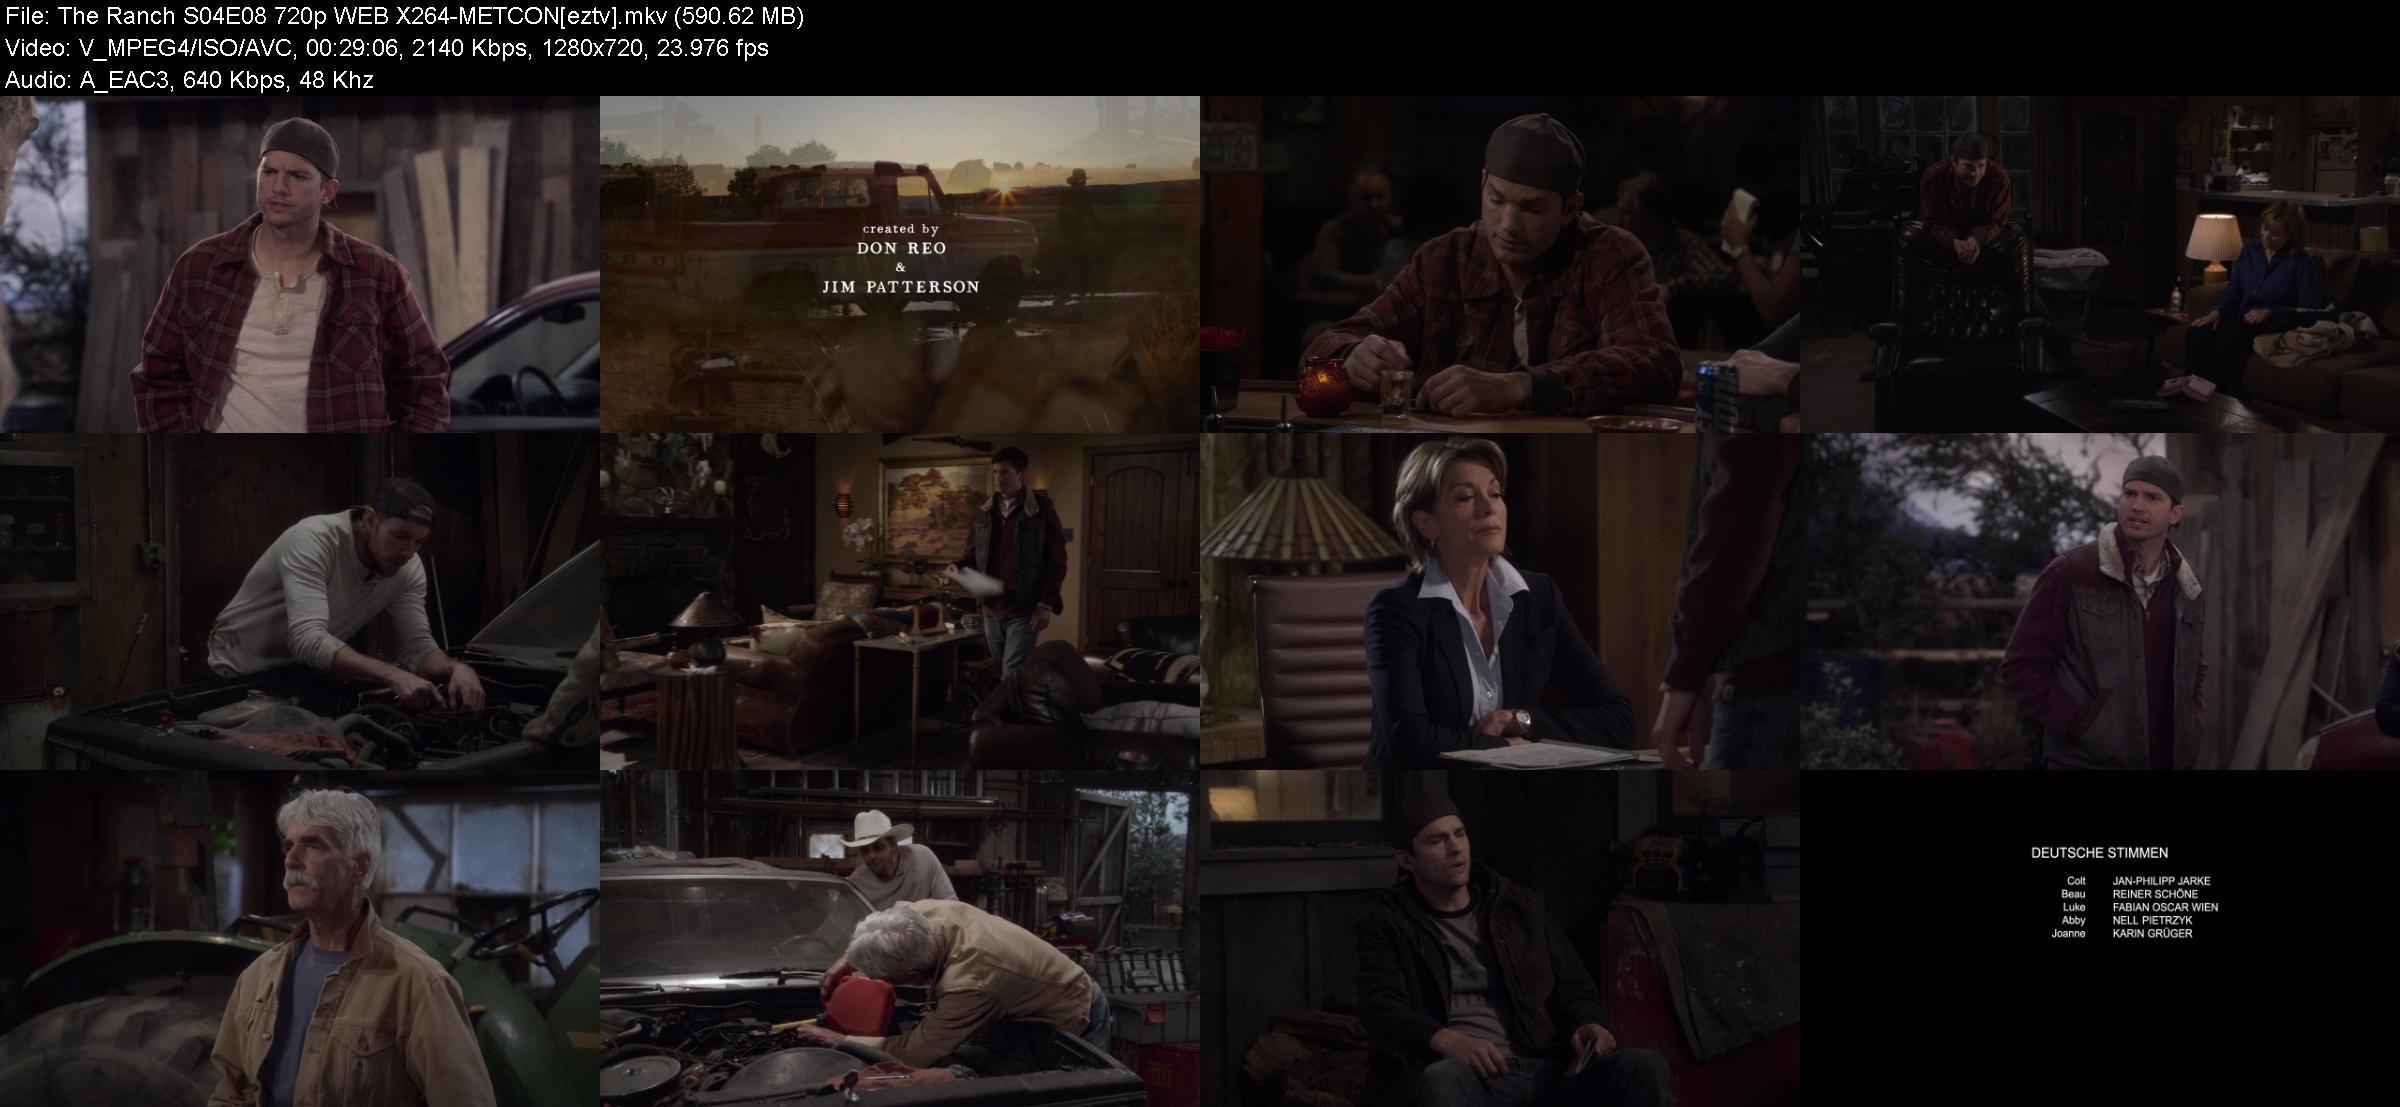 The Ranch S04E08 720p WEB X264-METCON